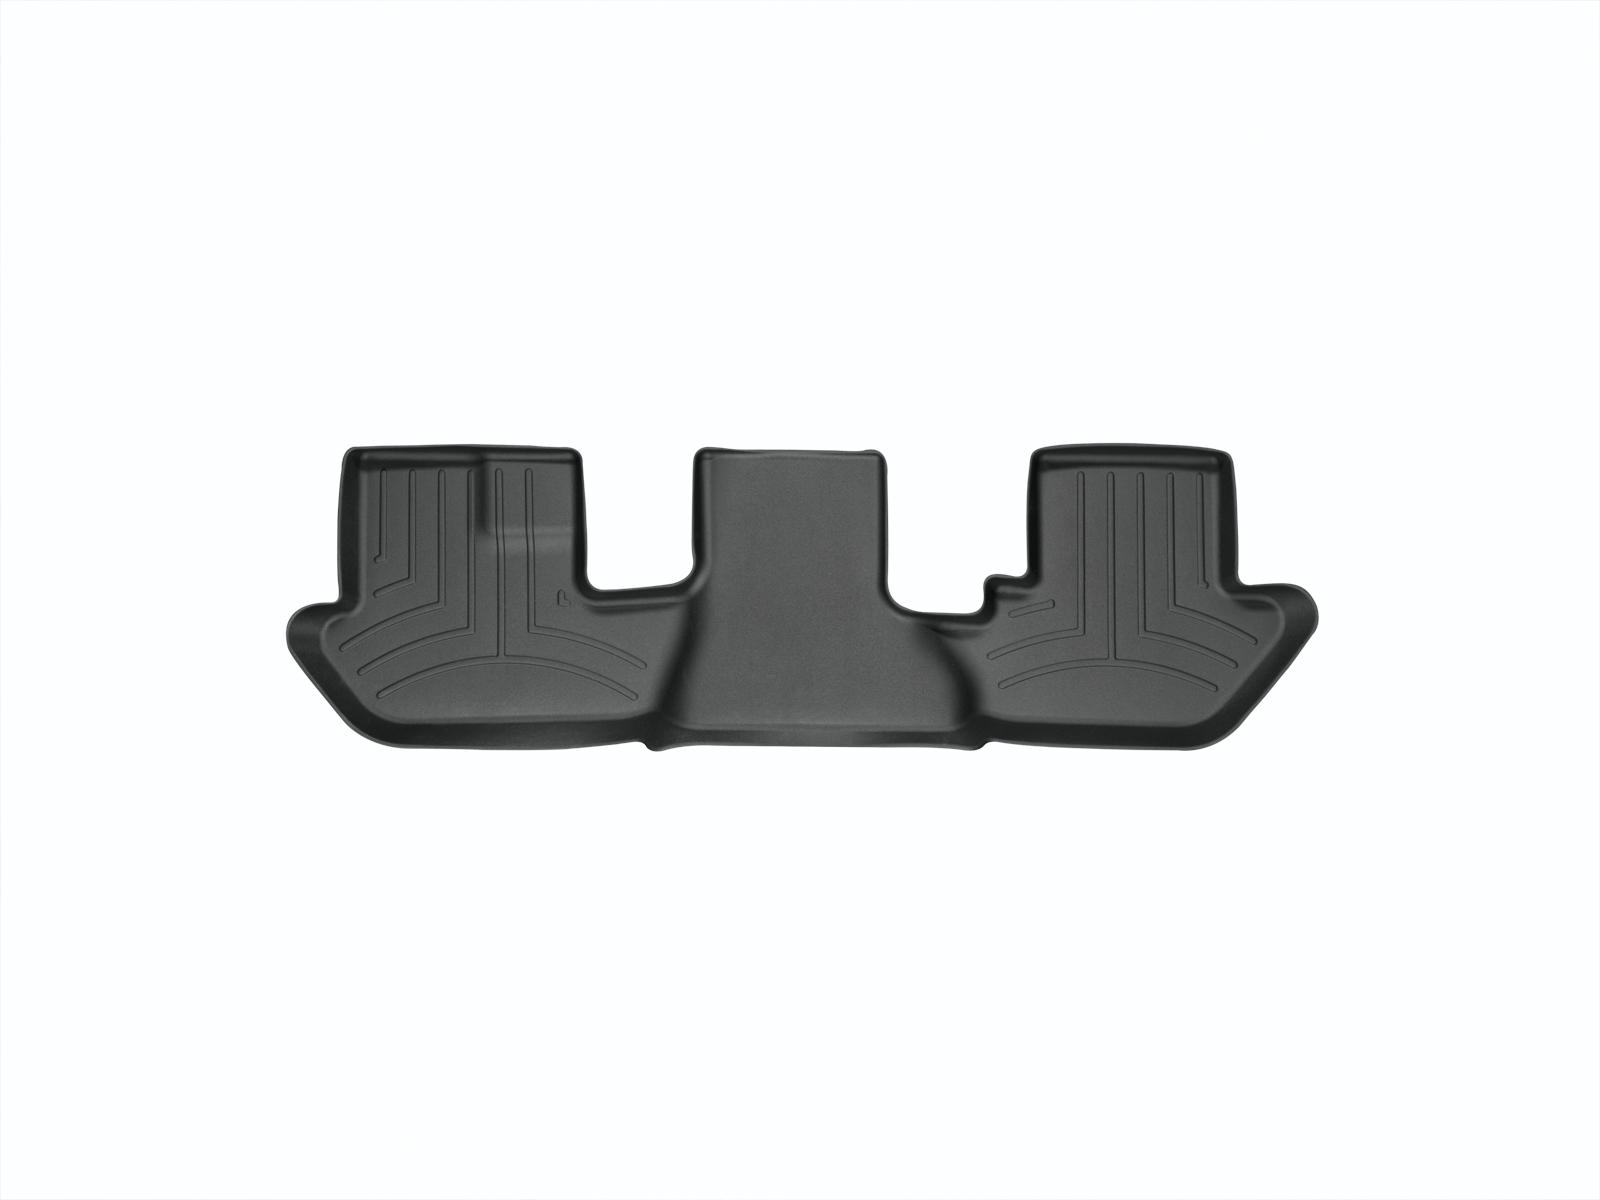 Tappeti gomma su misura bordo alto Cadillac Escalade ESV 03>06 Nero A41*